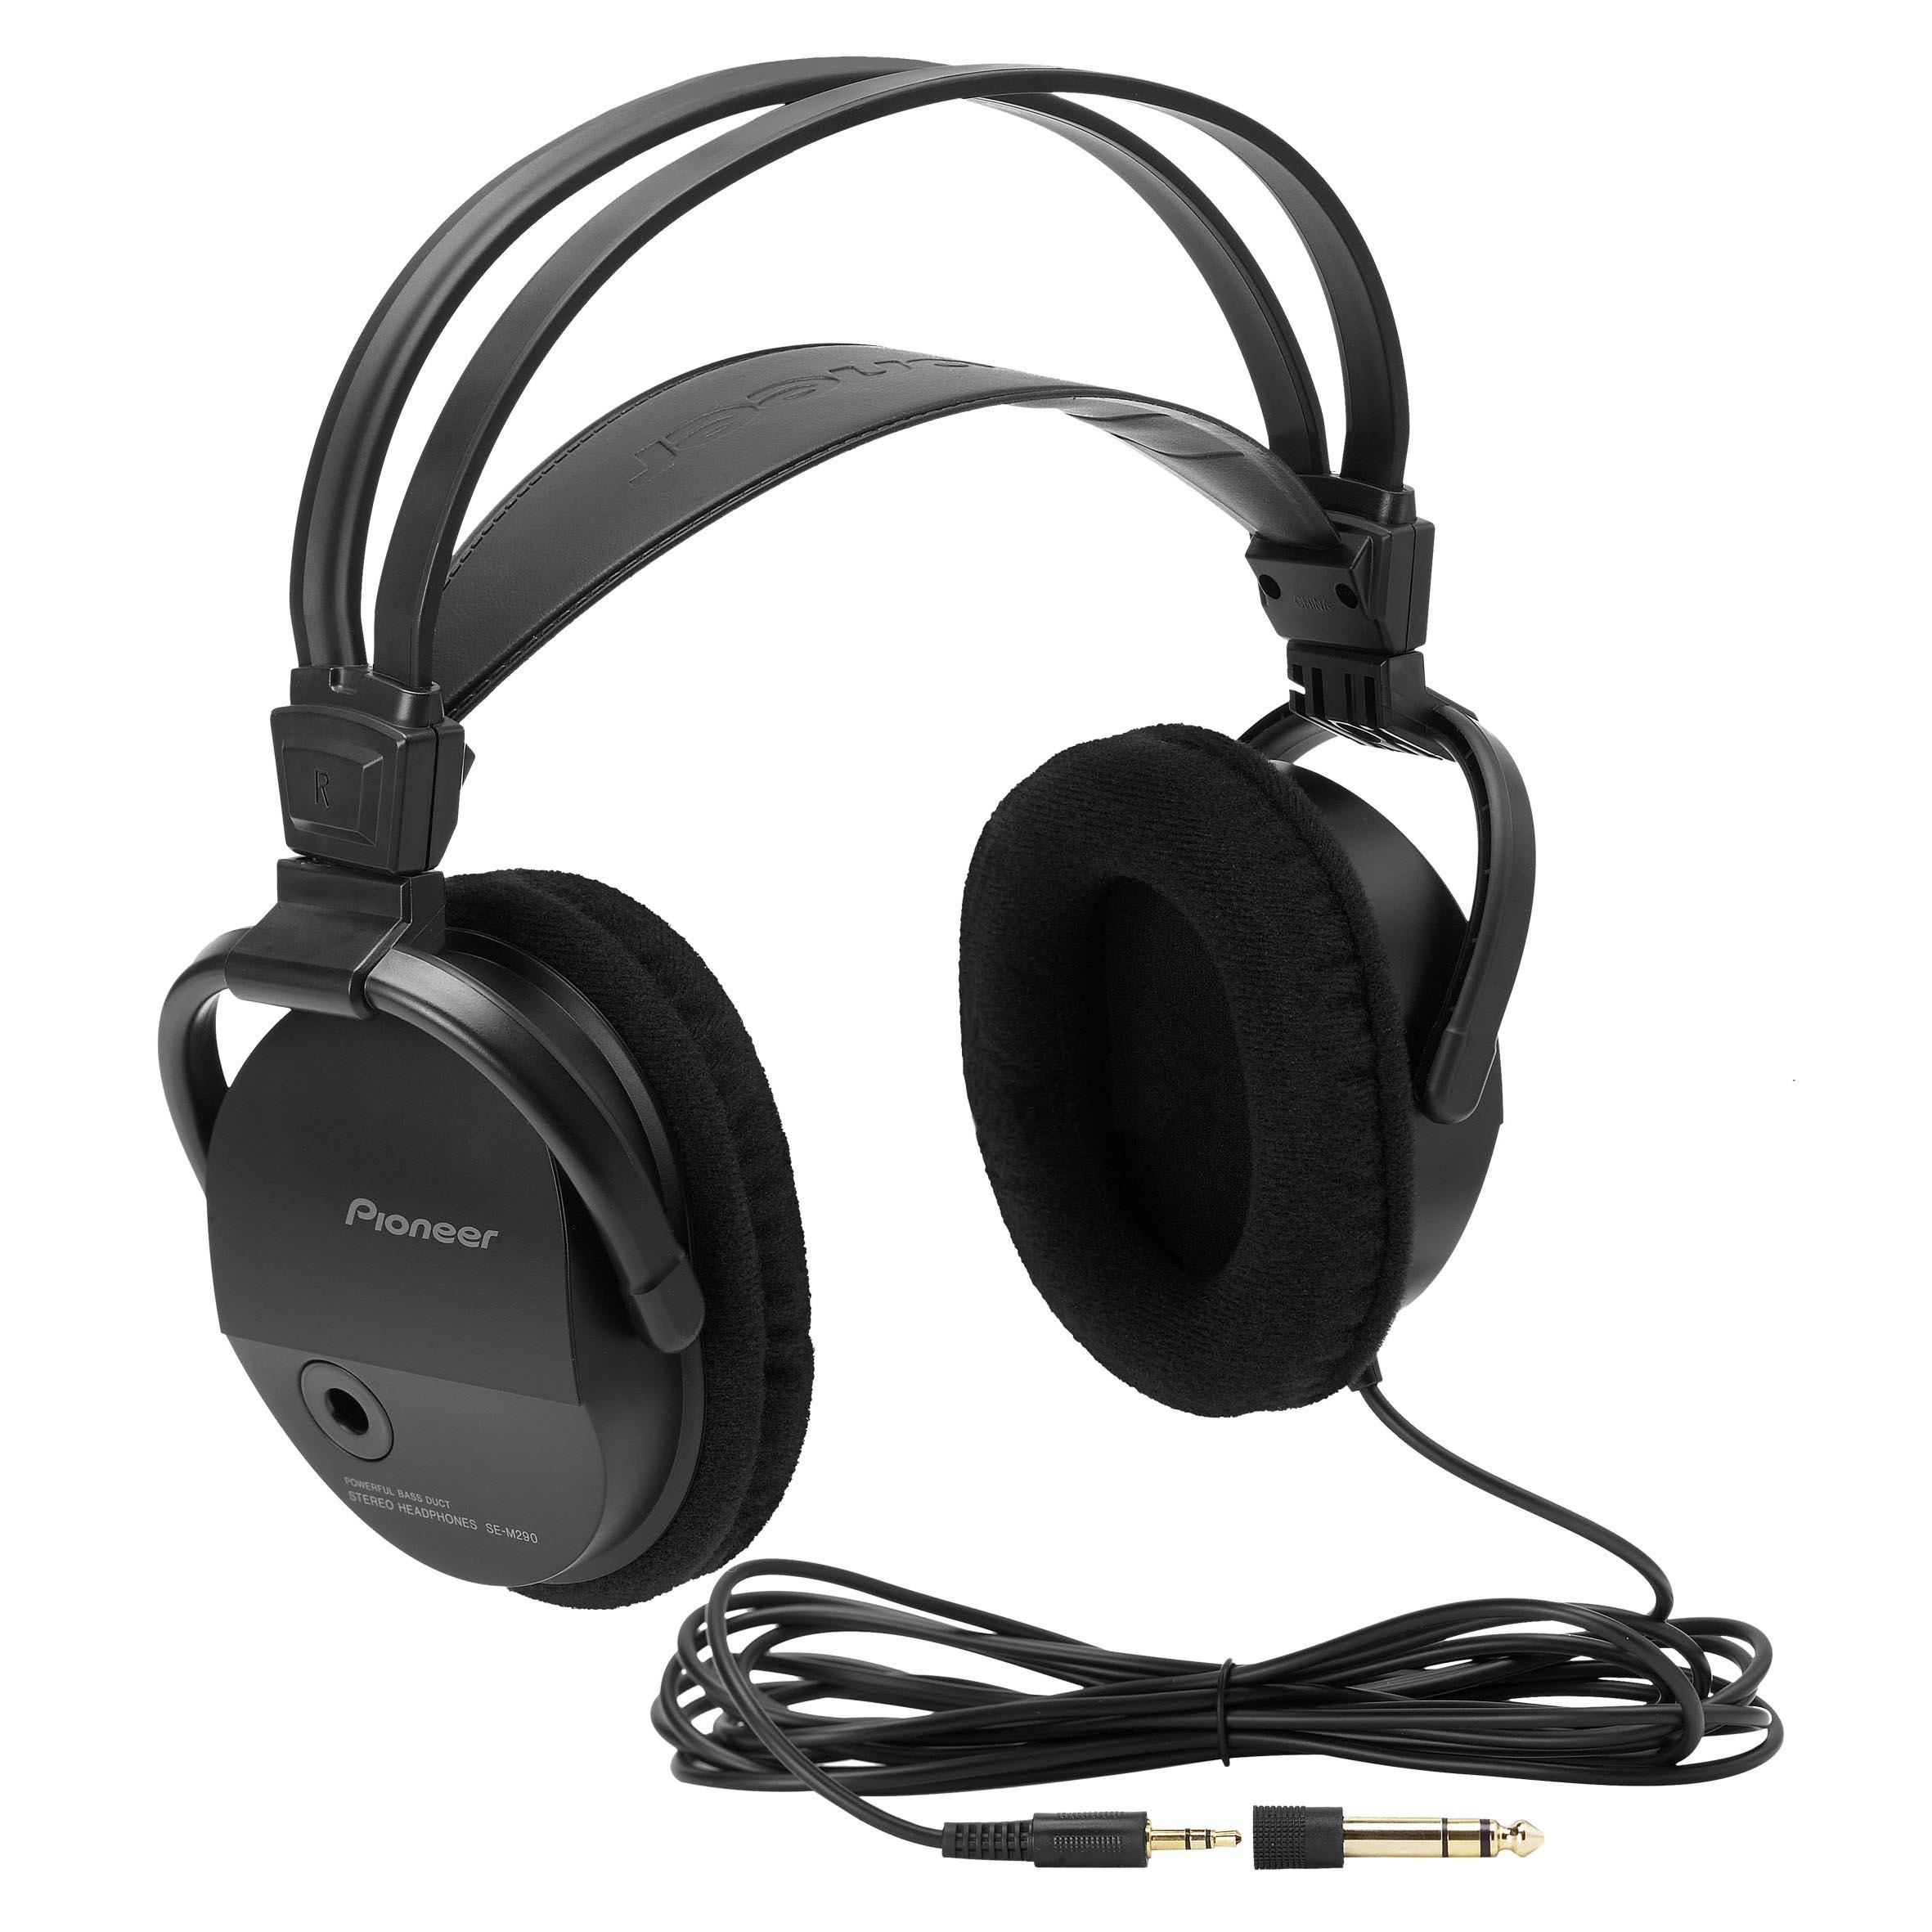 Pioneer SE-M290 fejhallgató. Teljesen zárt 26cc0f328f